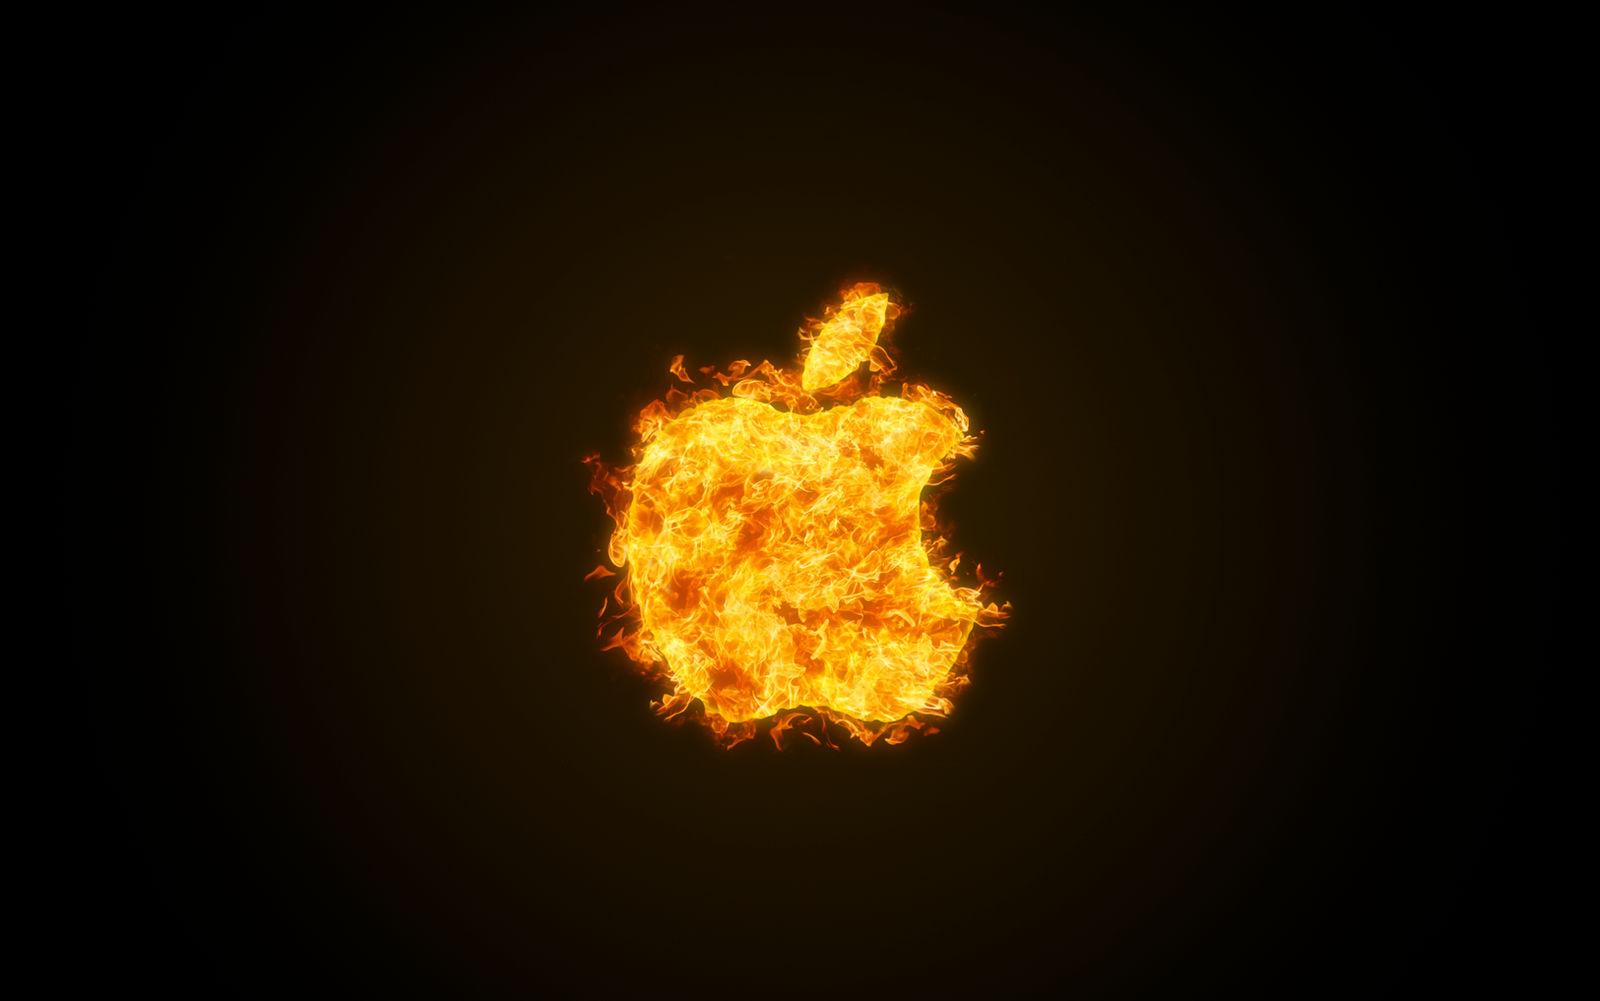 apple fire wallpaper